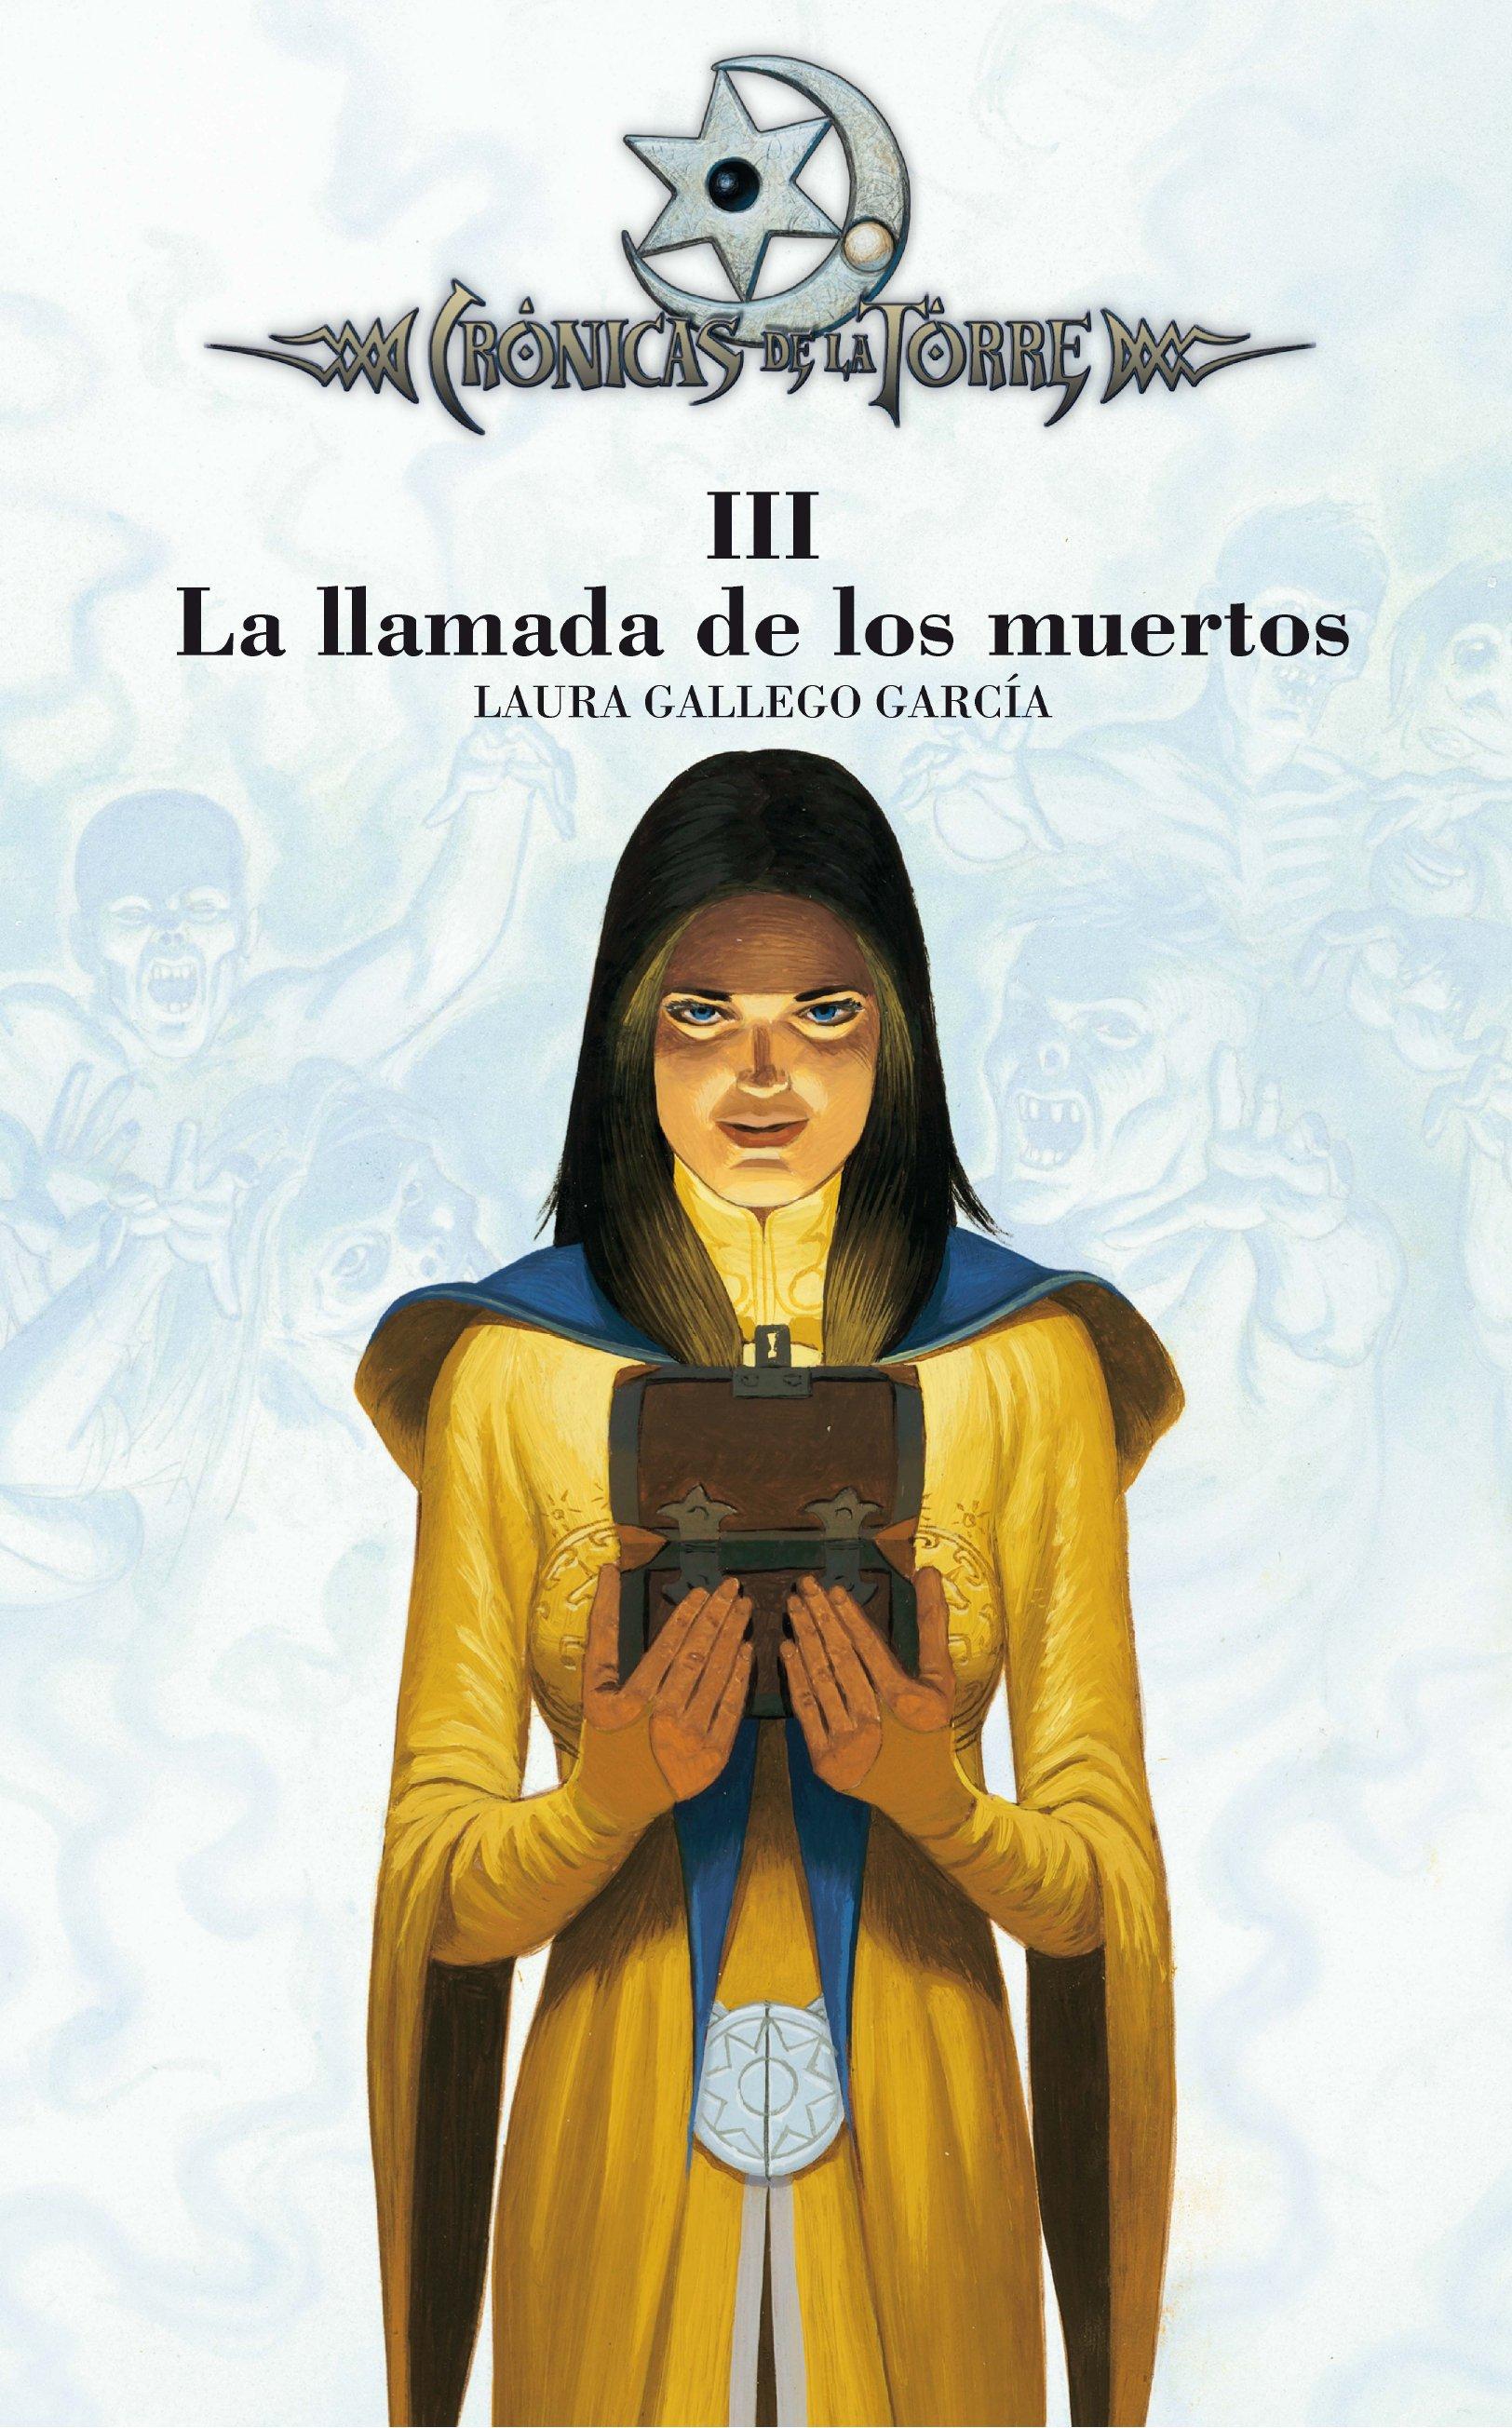 La Llamada De Los Muertos (cronicas De La Torre Iii ) por Laura Gallego Garcia Gratis